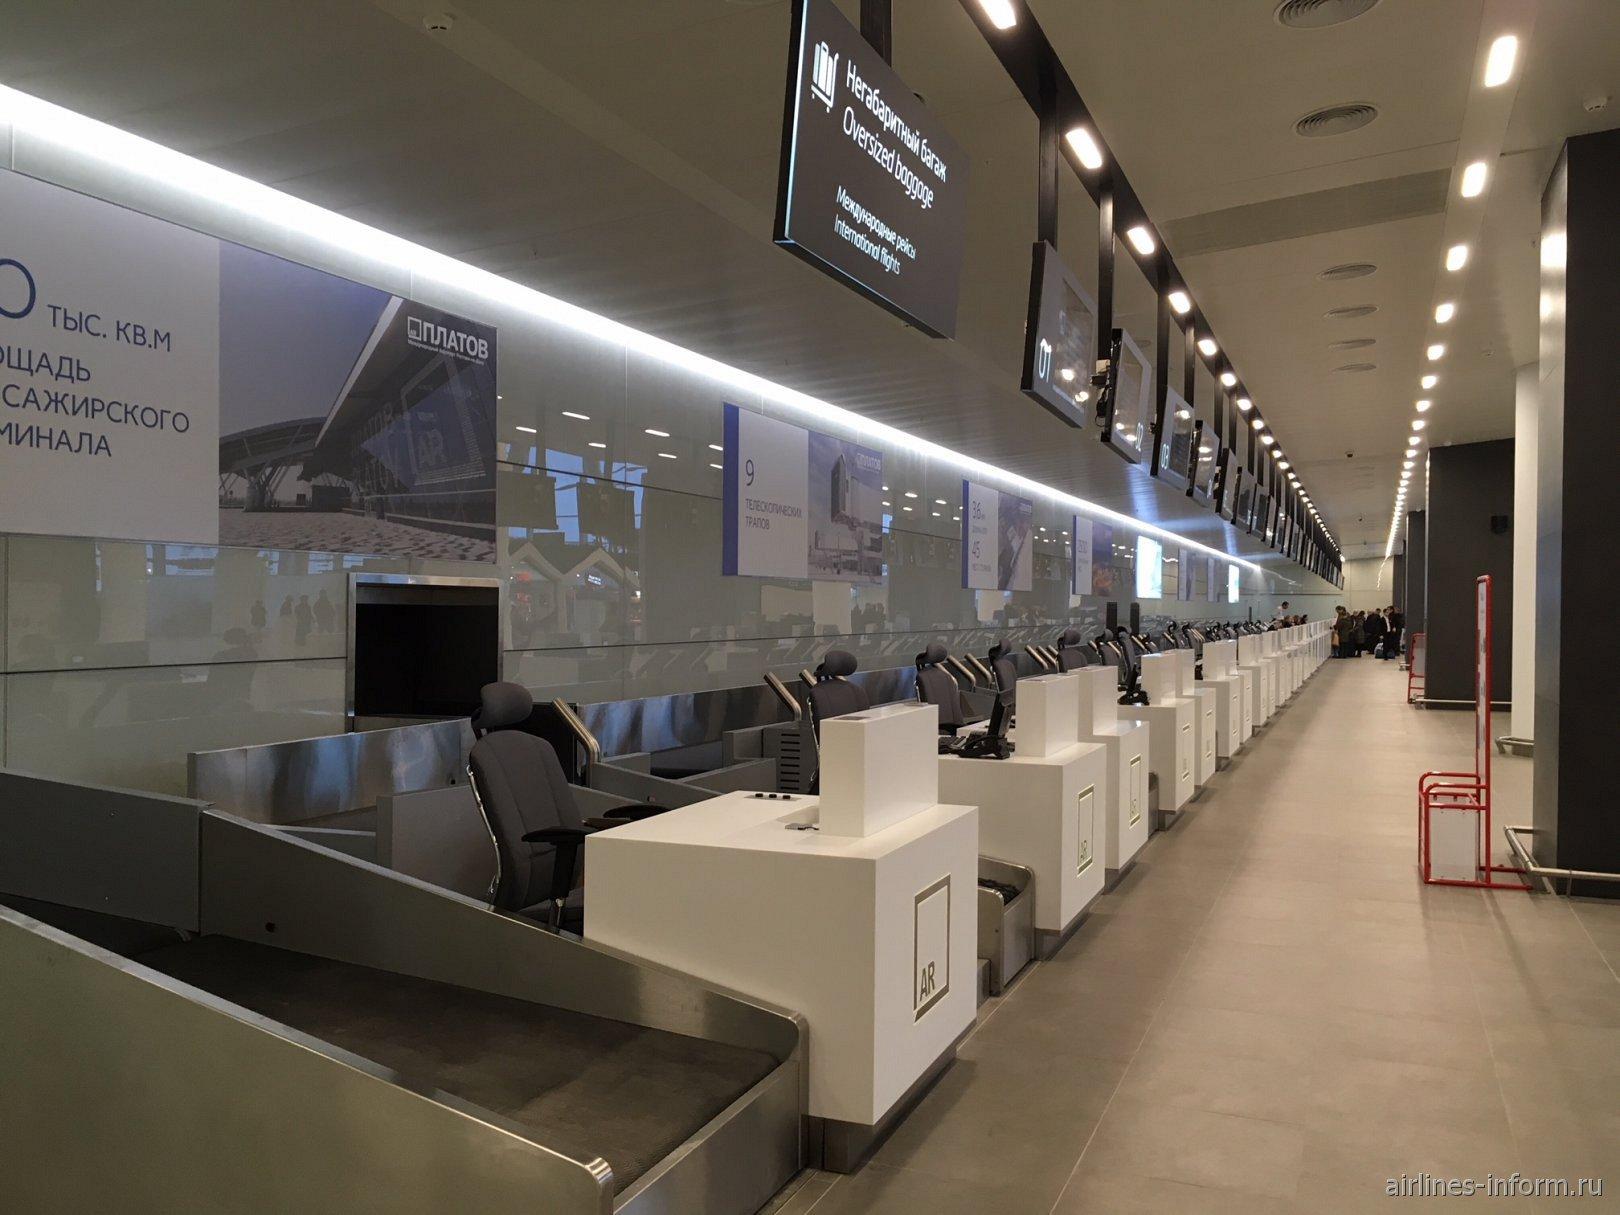 Стойки регистрации в аэропорту Платов в Ростове-на-Дону